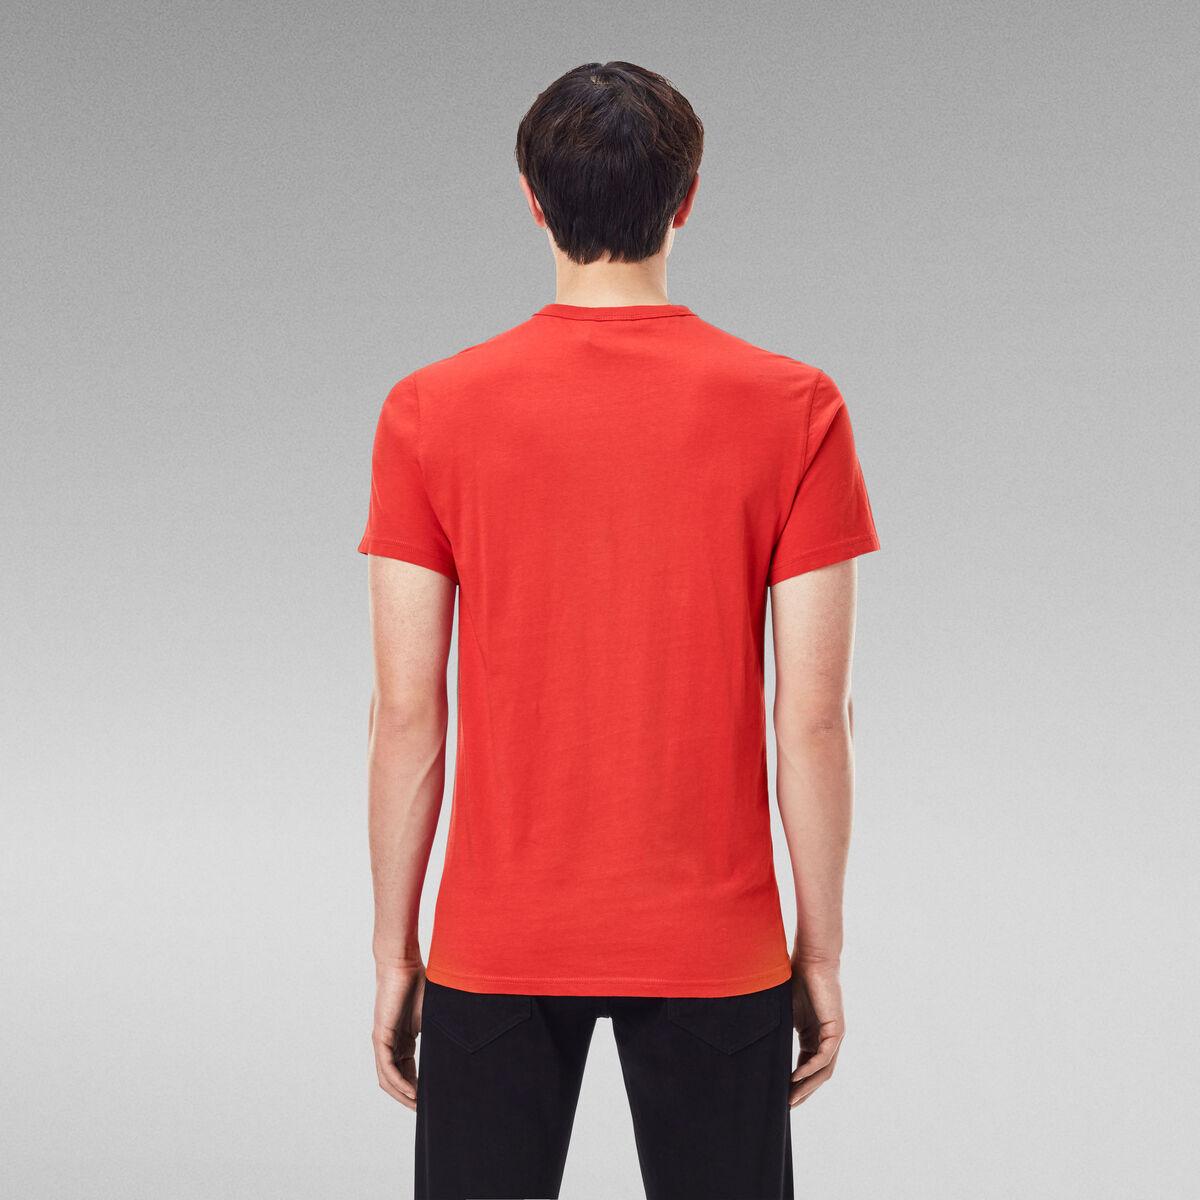 Bild 1 von Raw T-Shirt